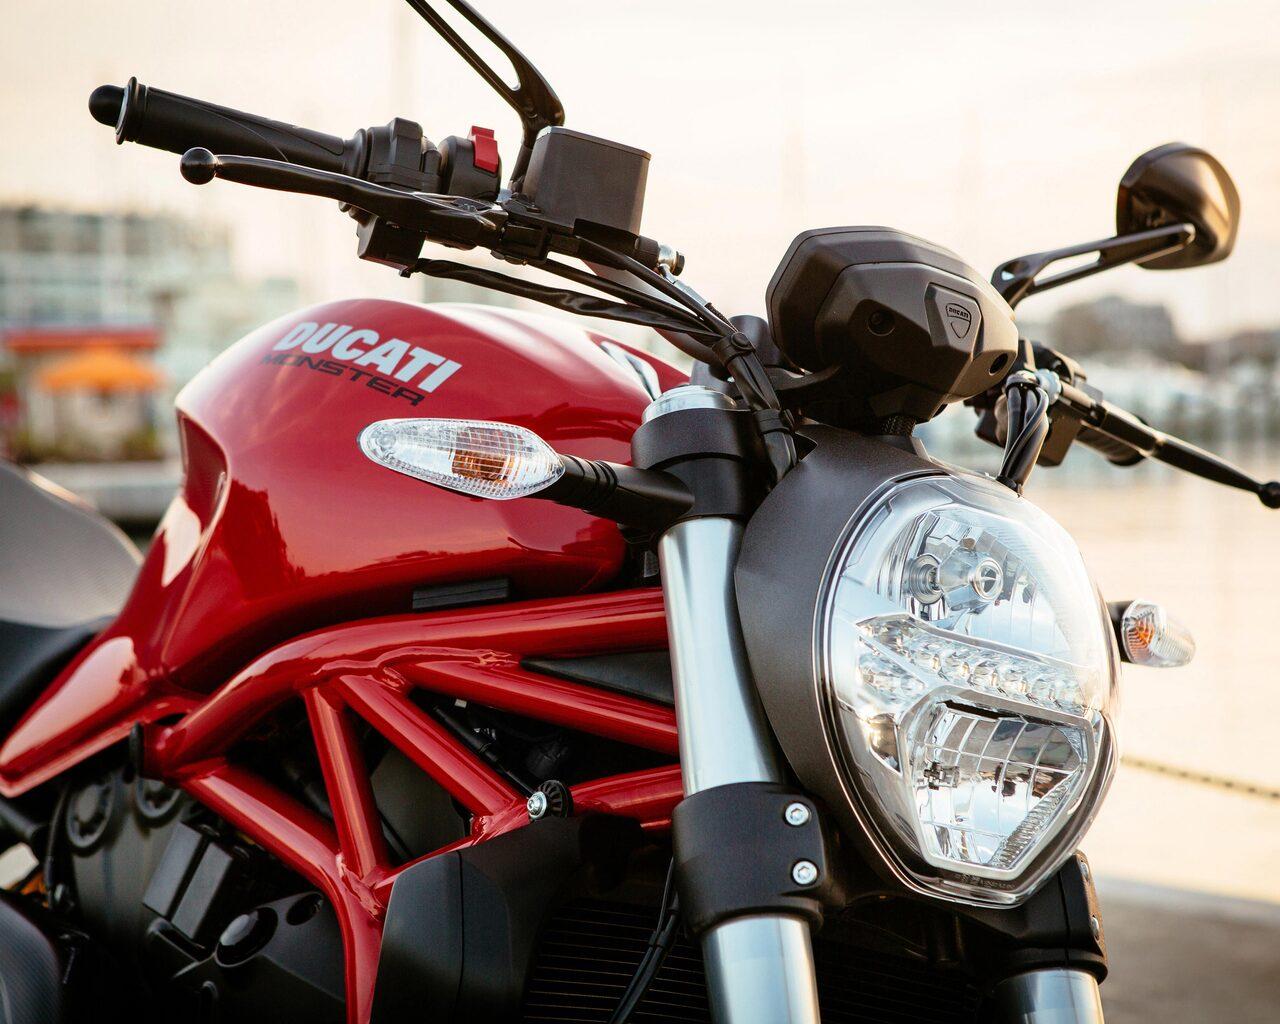 Ducati Monster 821 2017 Side View Yt